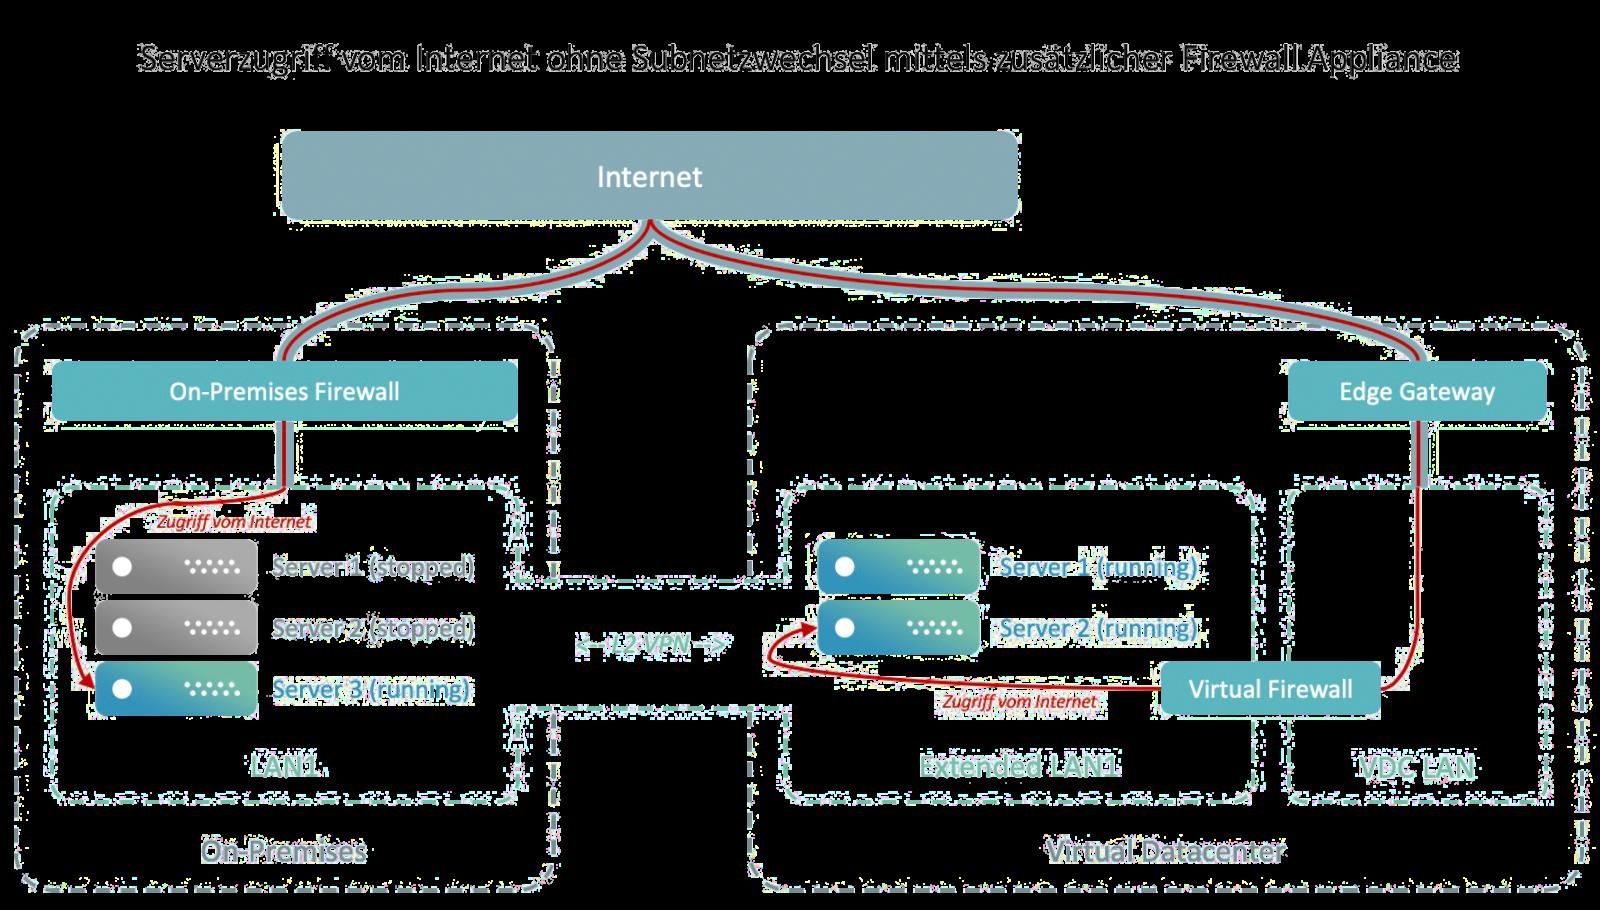 vCloud Extender: Serverzugriff vom Internet ohne Subnetzwechsel mittels zusätzlicher Firewall Appliance